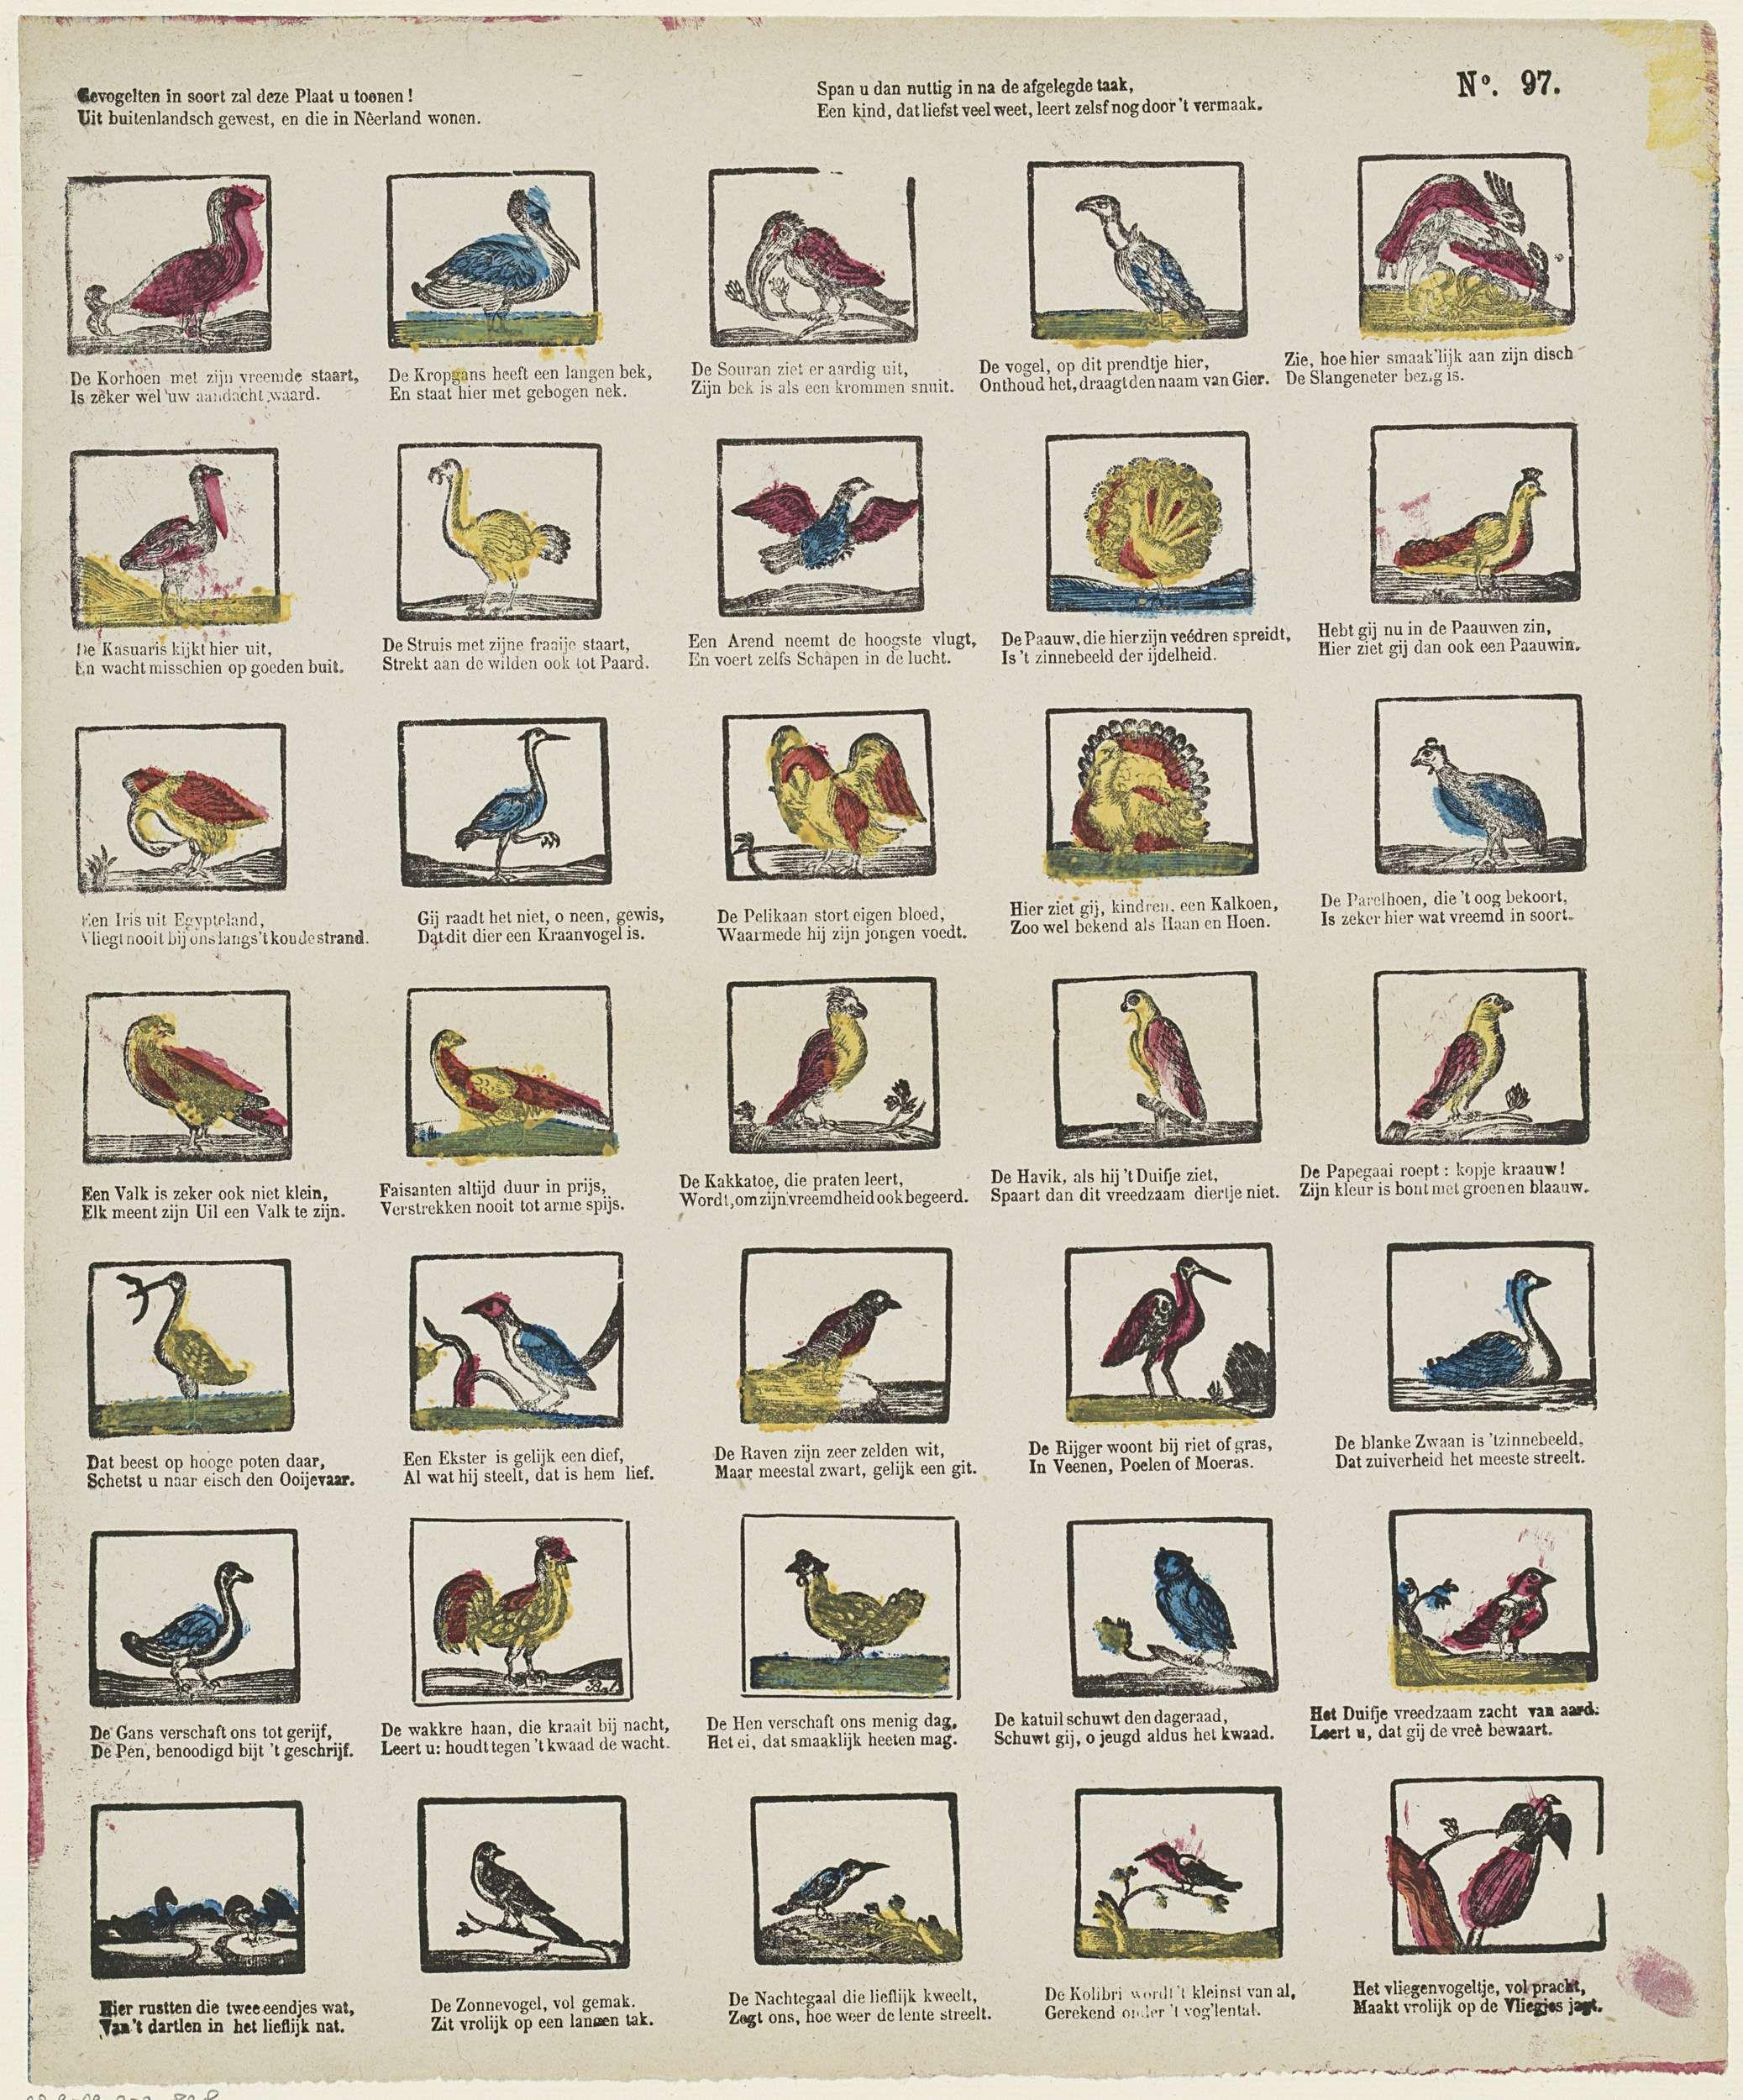 M. Hemeleers-van Houter | Gevogelten in soort zal deze plaat u toonen! / Uit buitenlandsch gewest, en die in Nêerland wonen / Span u dan nuttig in na de afgelegde taak, / Een kind, dat liefst veel weet, leert zelfs nog door 't vermaak, M. Hemeleers-van Houter, Anonymous, 1827 - 1894 | Blad met 35 voorstellingen van vogels, zoals een struisvogel, een fazant en een reiger. Onder elke afbeelding een tweeregelig vers in het Nederlands. Genummerd rechtsboven: No. 97.